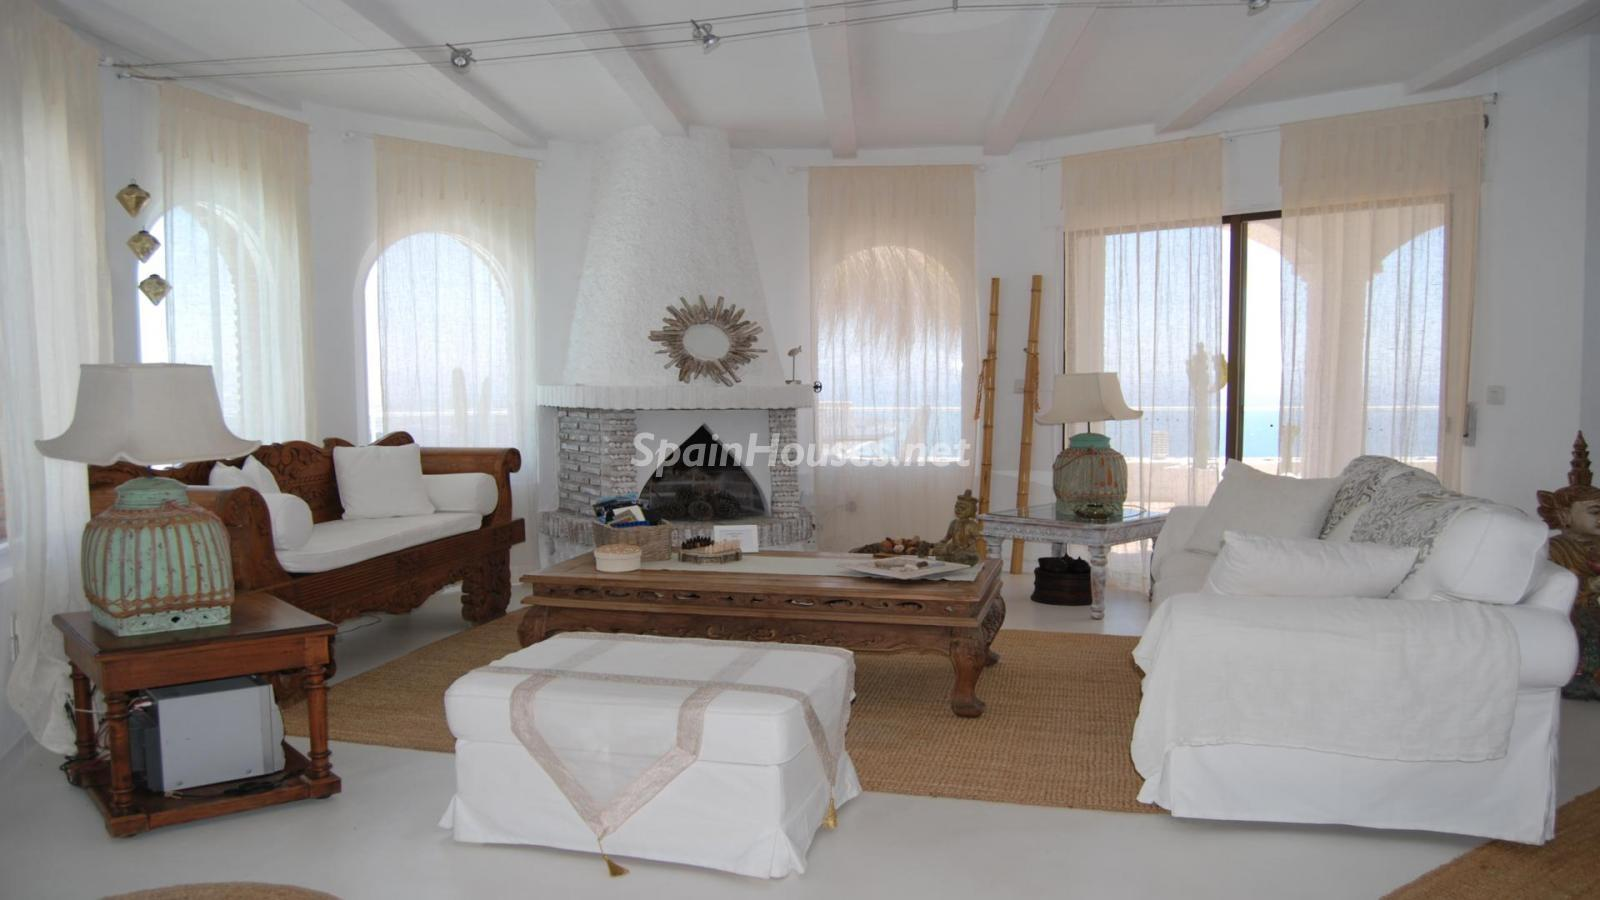 49335 2014903 foto 246297 - Exotic villa in Salobreña, Granada